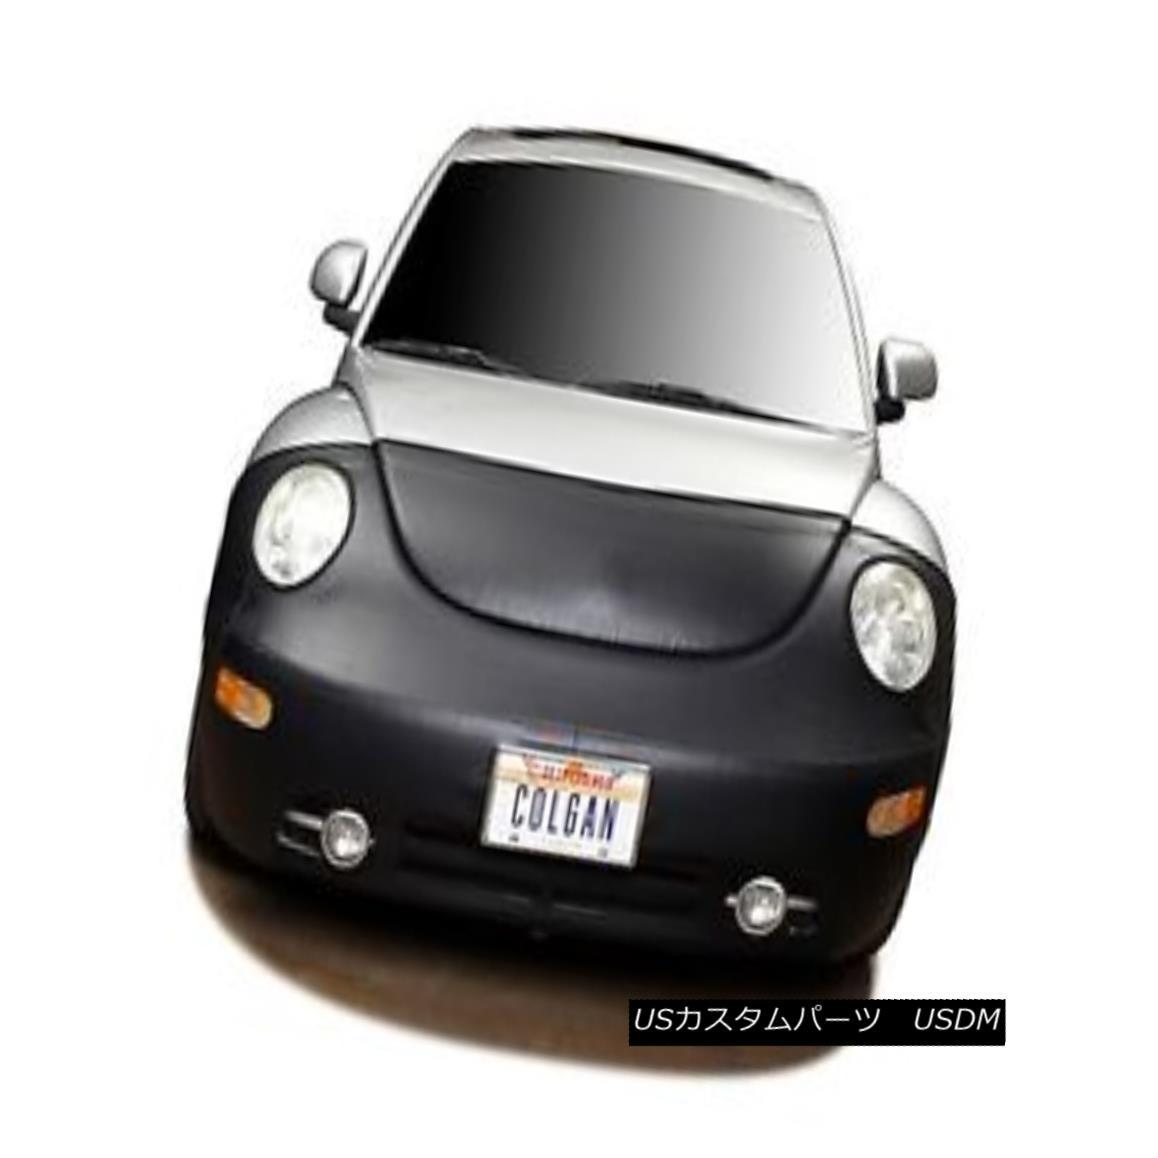 フルブラ ノーズブラ Colgan CF Front End Mask Bra 2pc. Fits Toyota Prius 2010-11 W/O License Plate コルガンCFフロントエンドマスクブラ2pc。 トヨタプリウス2010-11 W / Oライセンスプレートに適合